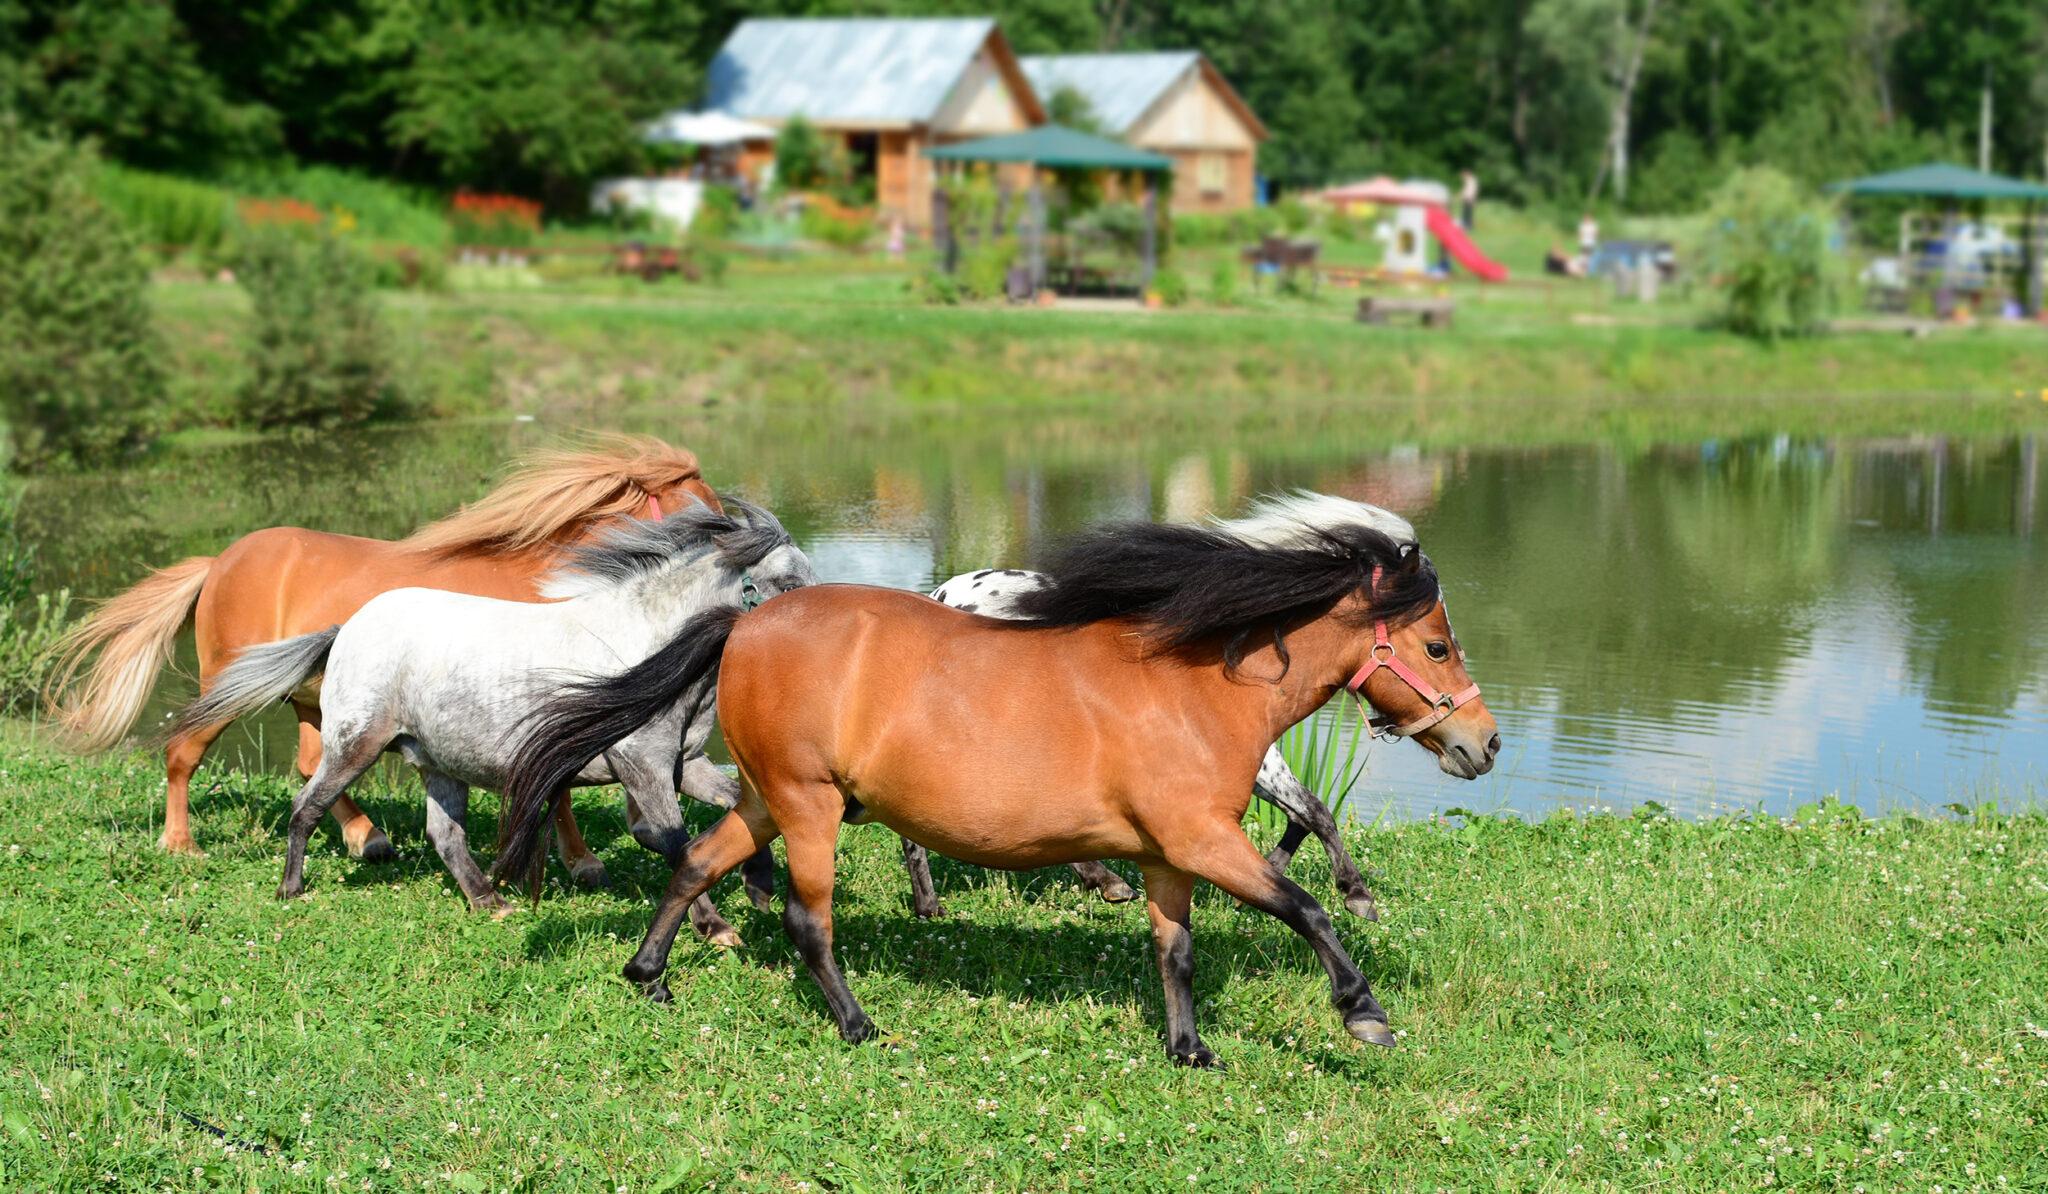 Horse Breed: Falabella - image by Grezova Olga/Shutterstock.com - Globetrotting horse riding holidays